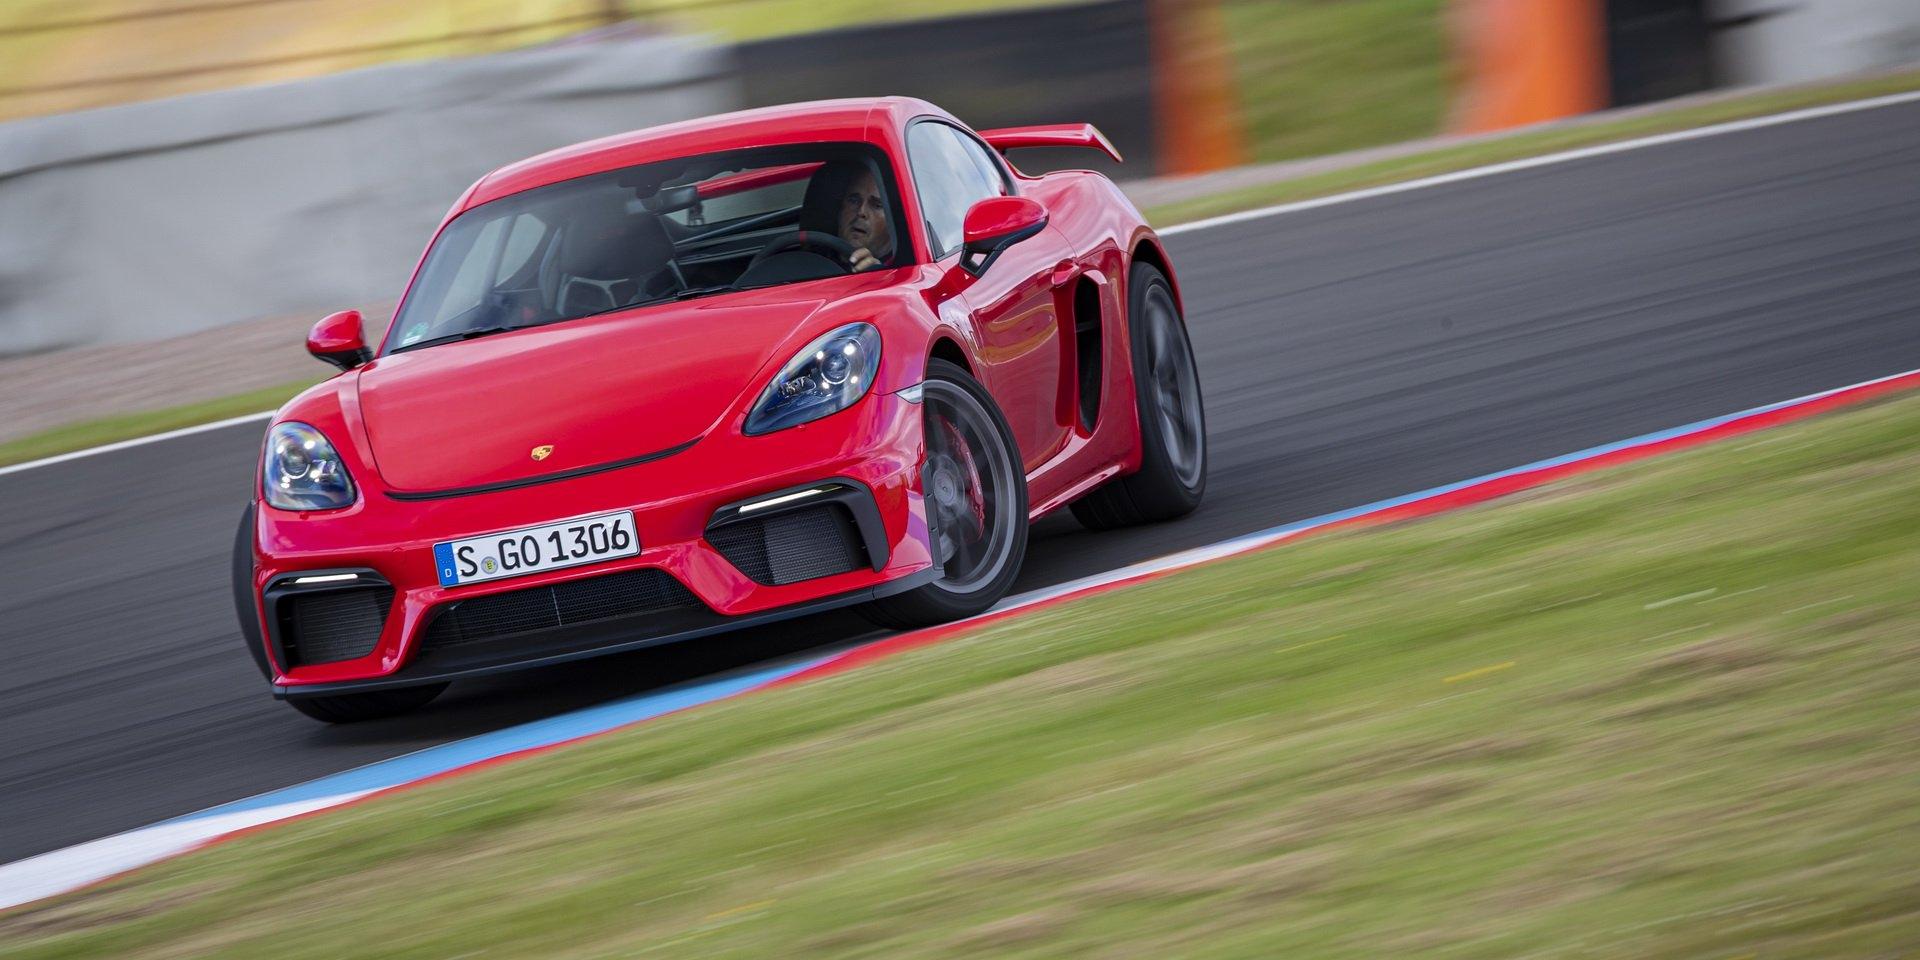 Porsche 718 Cayman GT4還可以更快,但現在不適合